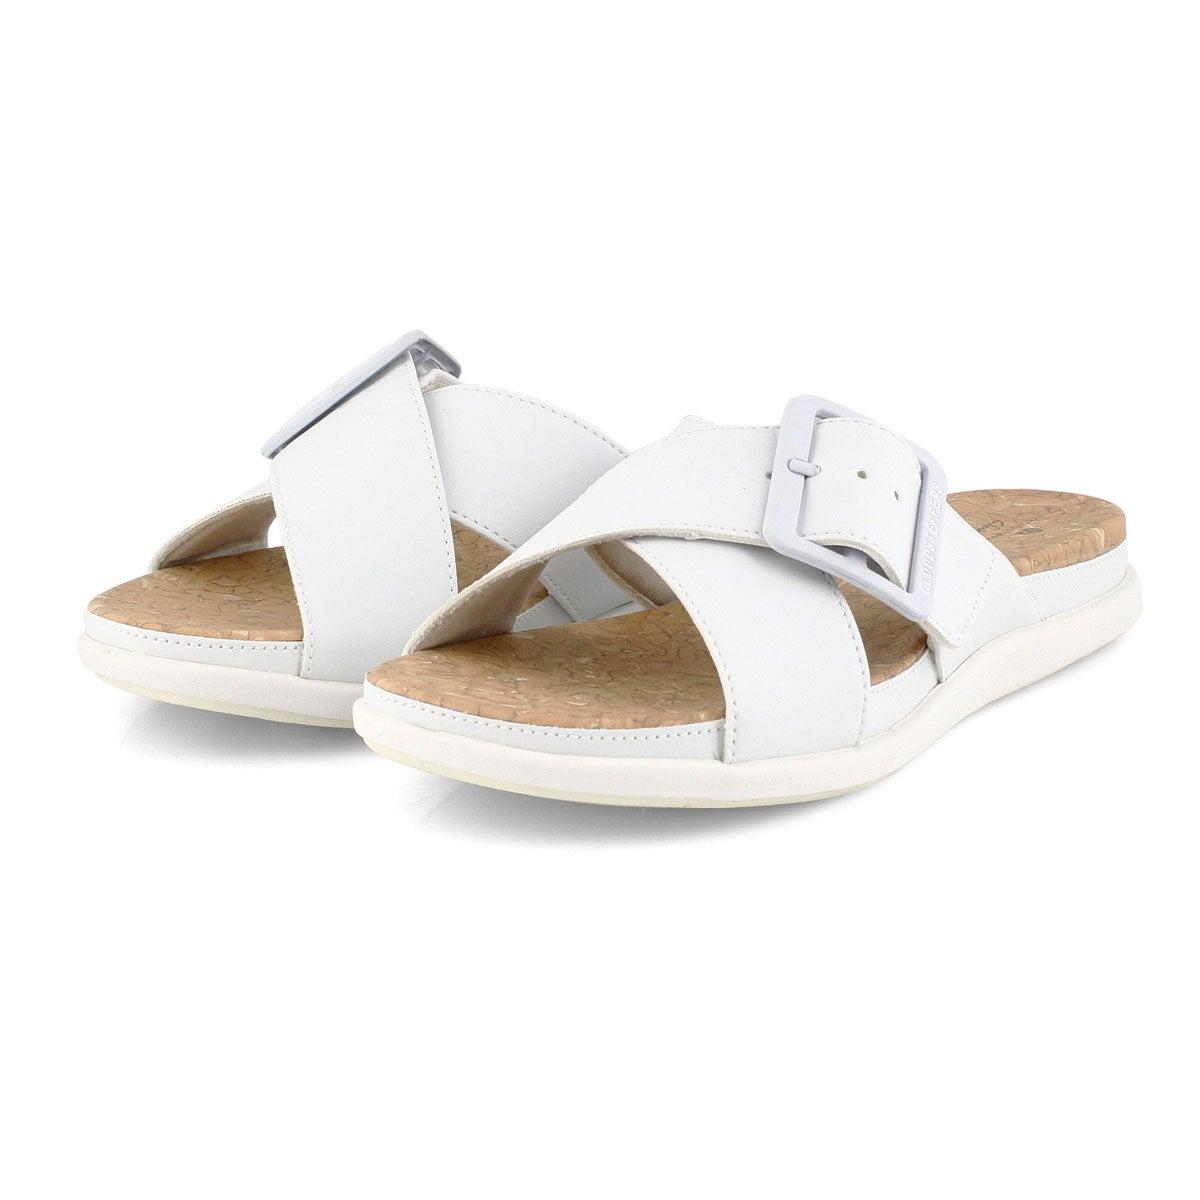 Lds Step June Shell white slip on sandal